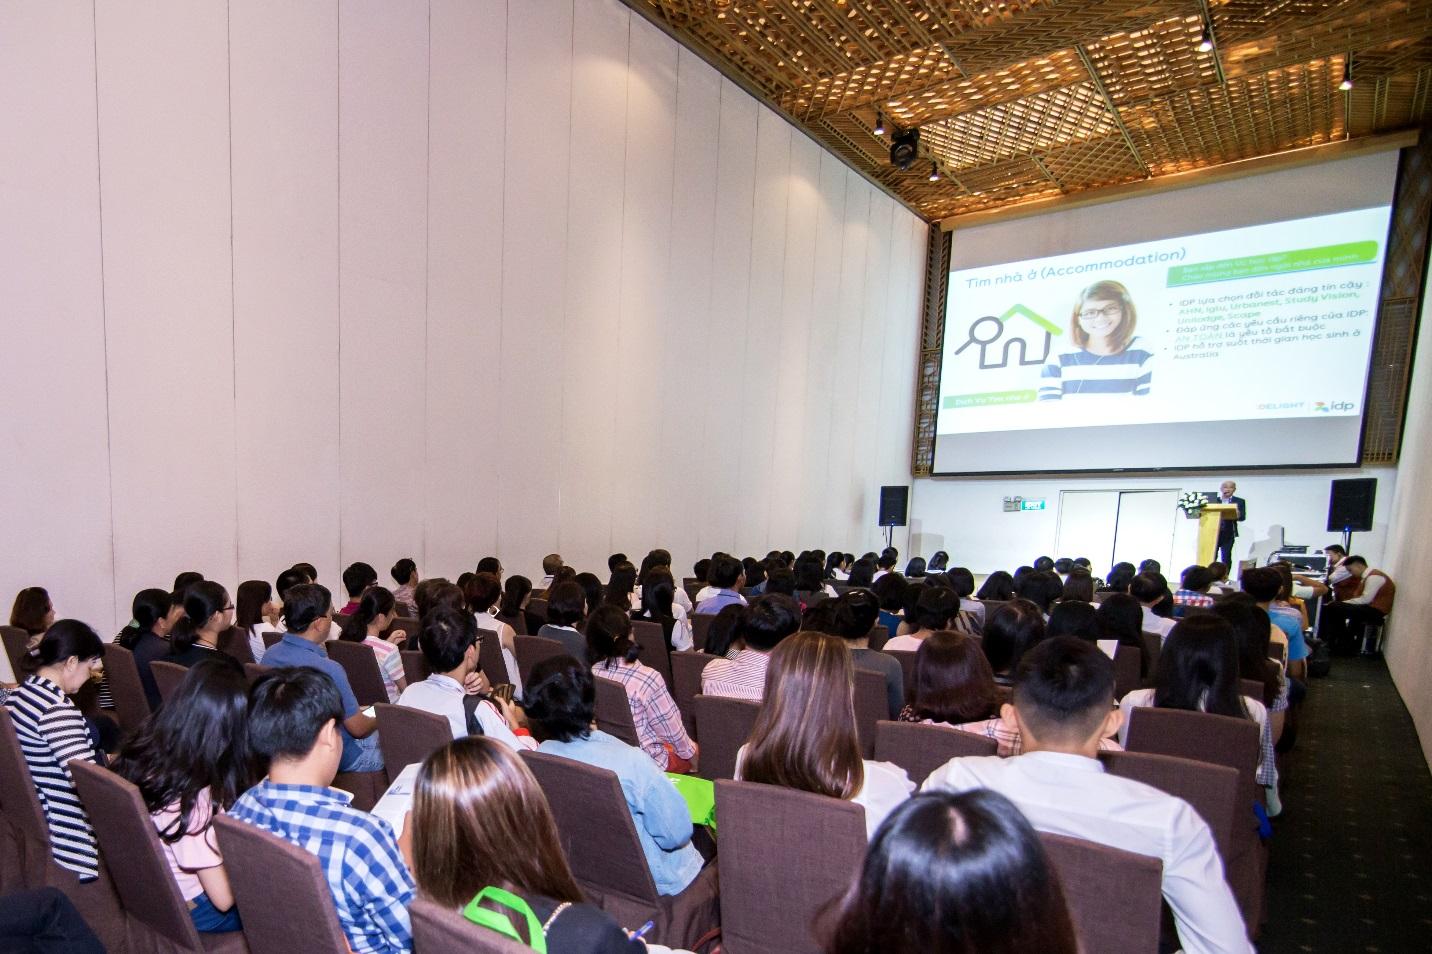 Ngày hội tư vấn tuyển sinh du học quốc tế: Ngành học tiềm năng thời đại 4.0 - Ảnh 3.